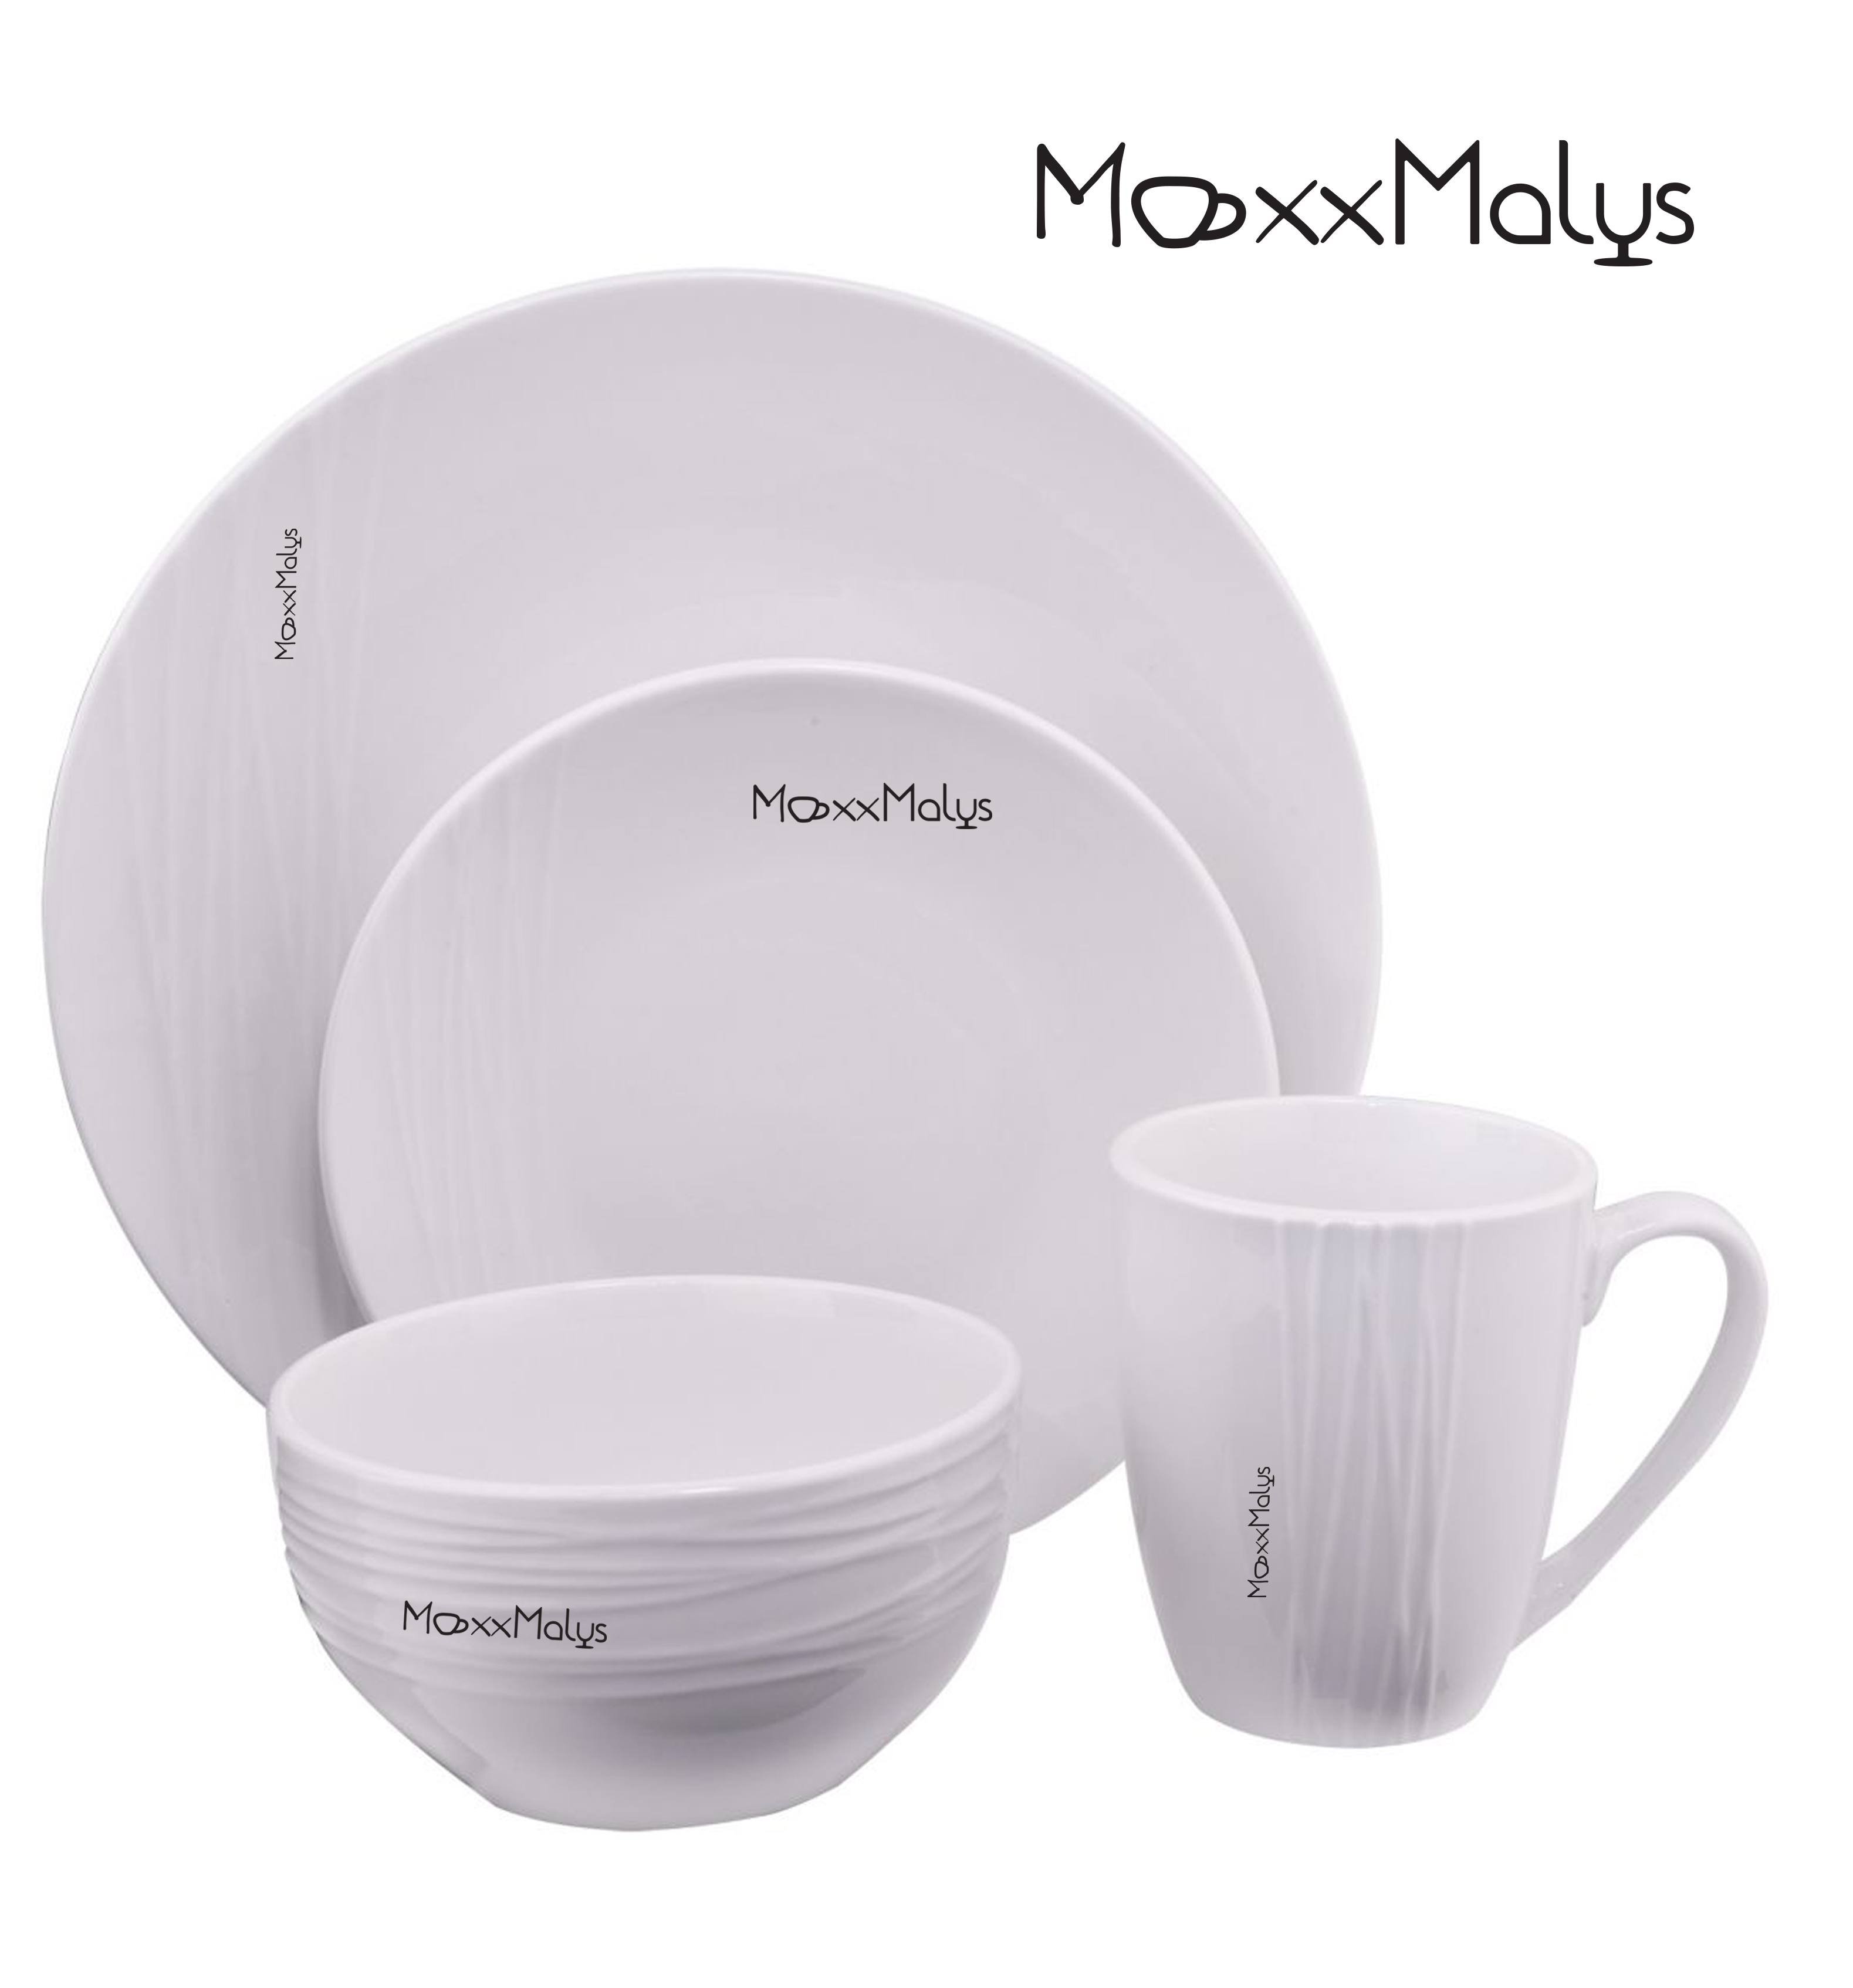 Логотип для нового бренда повседневной посуды фото f_1305ba17c55d0c3a.jpg